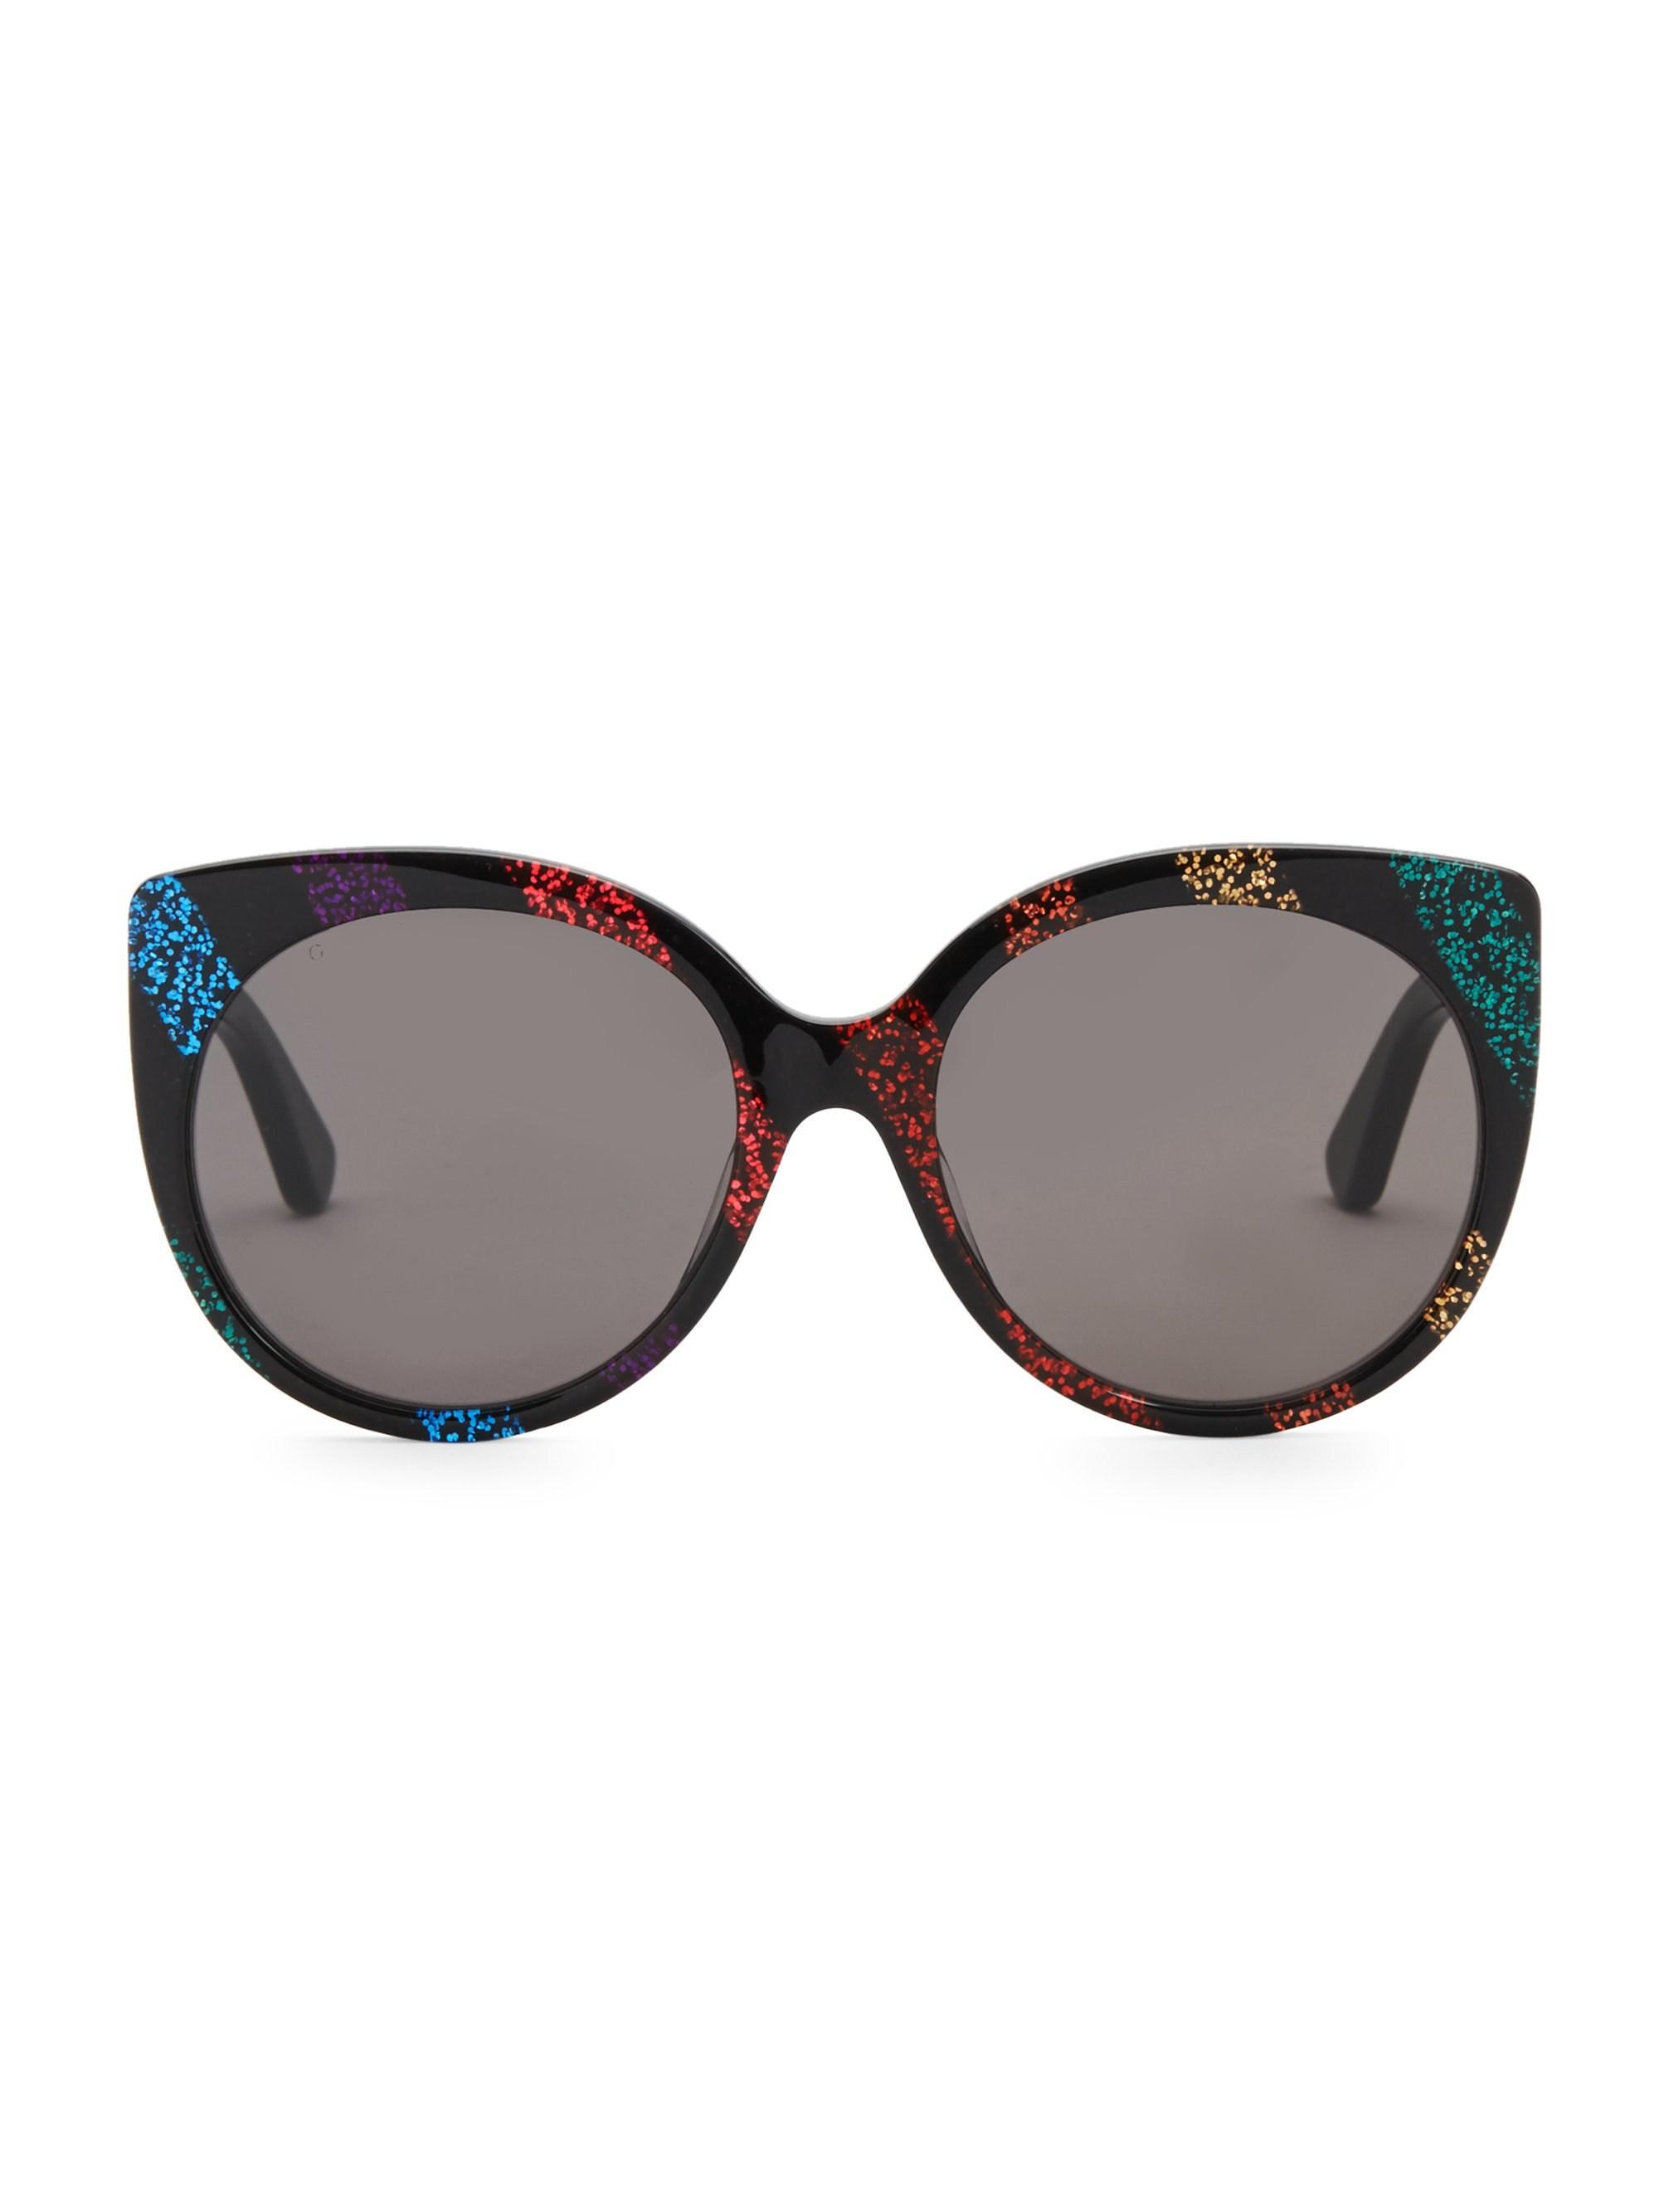 e74757ff43dd1 Gucci Women s Urban 57mm Cat Eye Sunglasses - Rainbow - Lyst